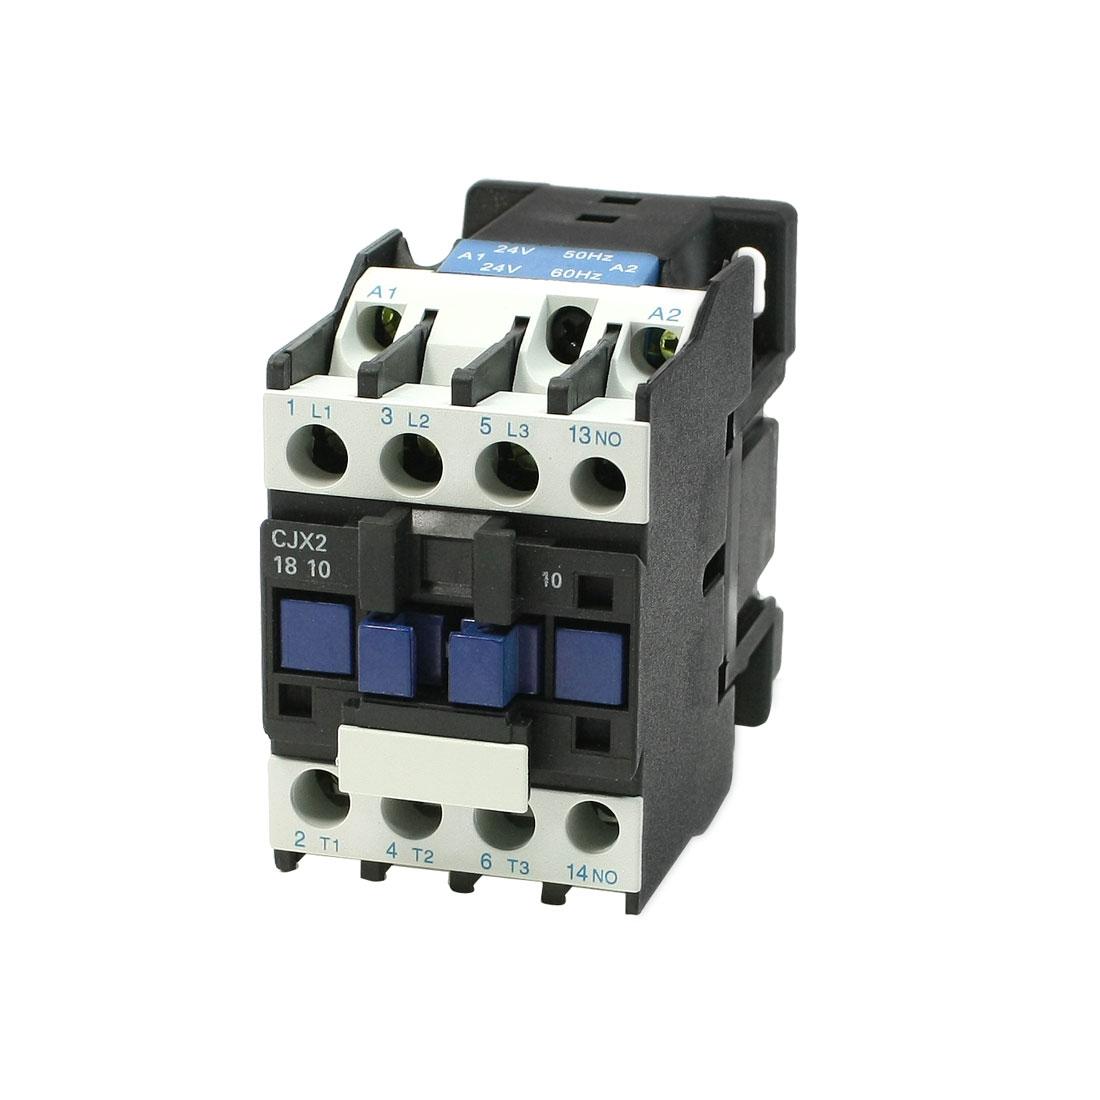 CJX2-18 3 Phase 1NO Motor Controller AC Contactor 24V 18A